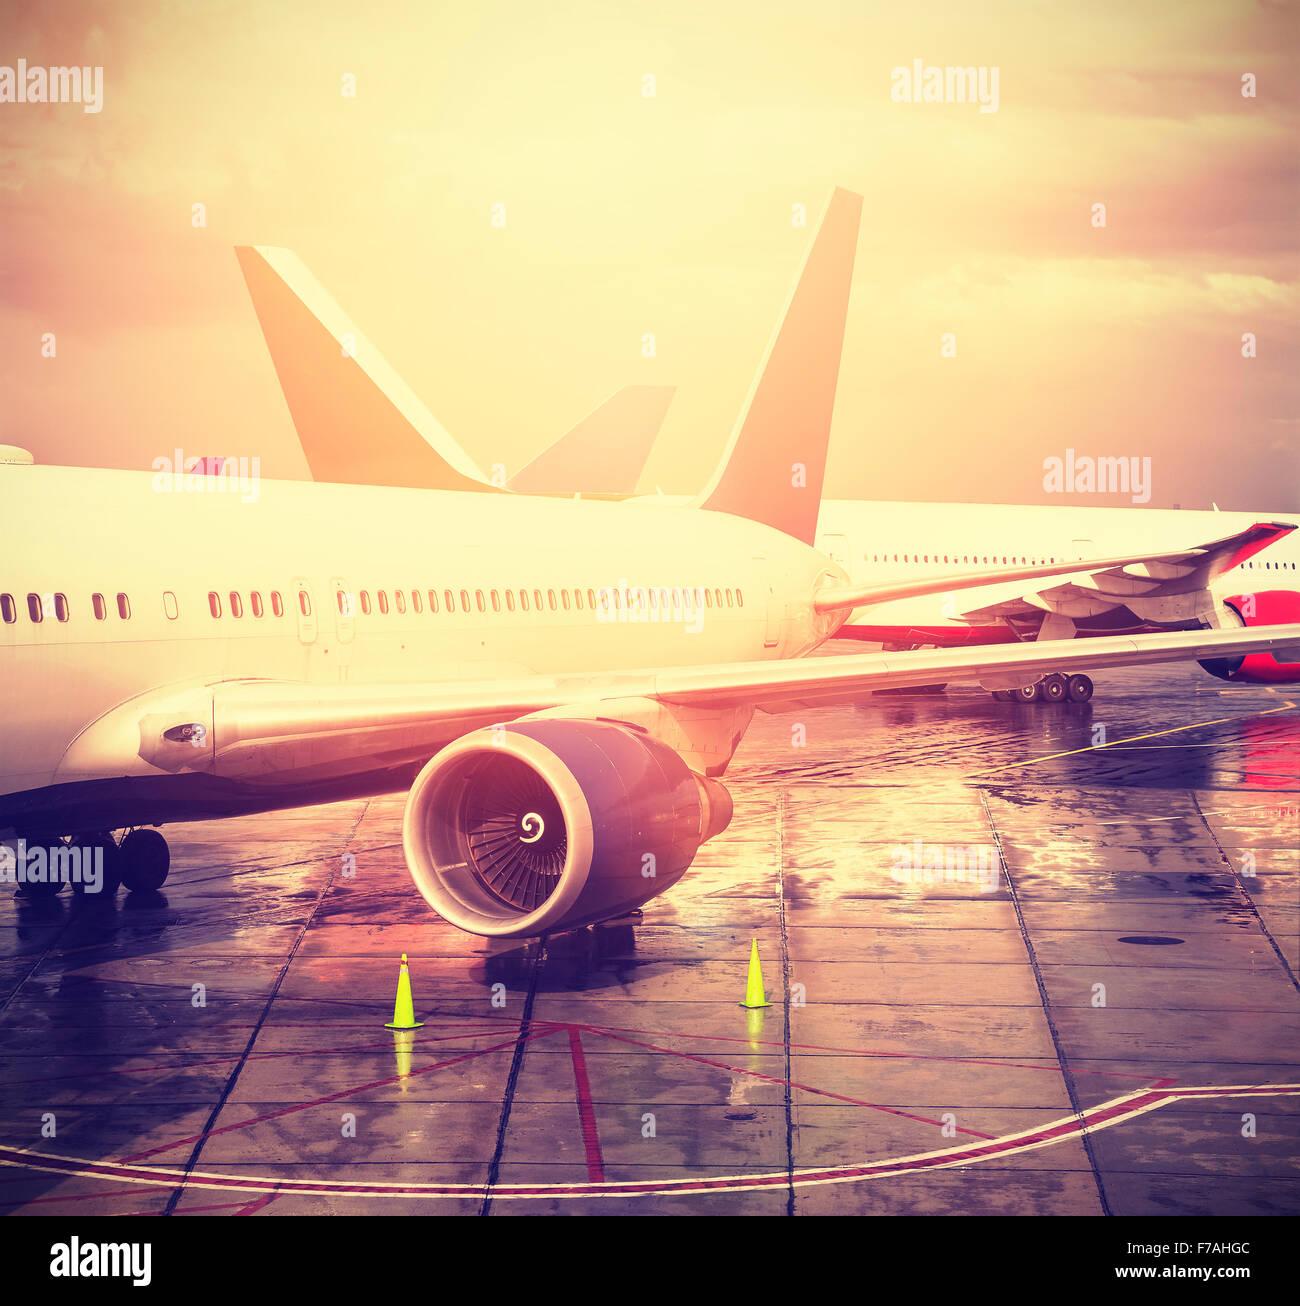 Vintage gefilterte Bild eines Flughafen, Transport und Reisen-Konzepts. Stockbild